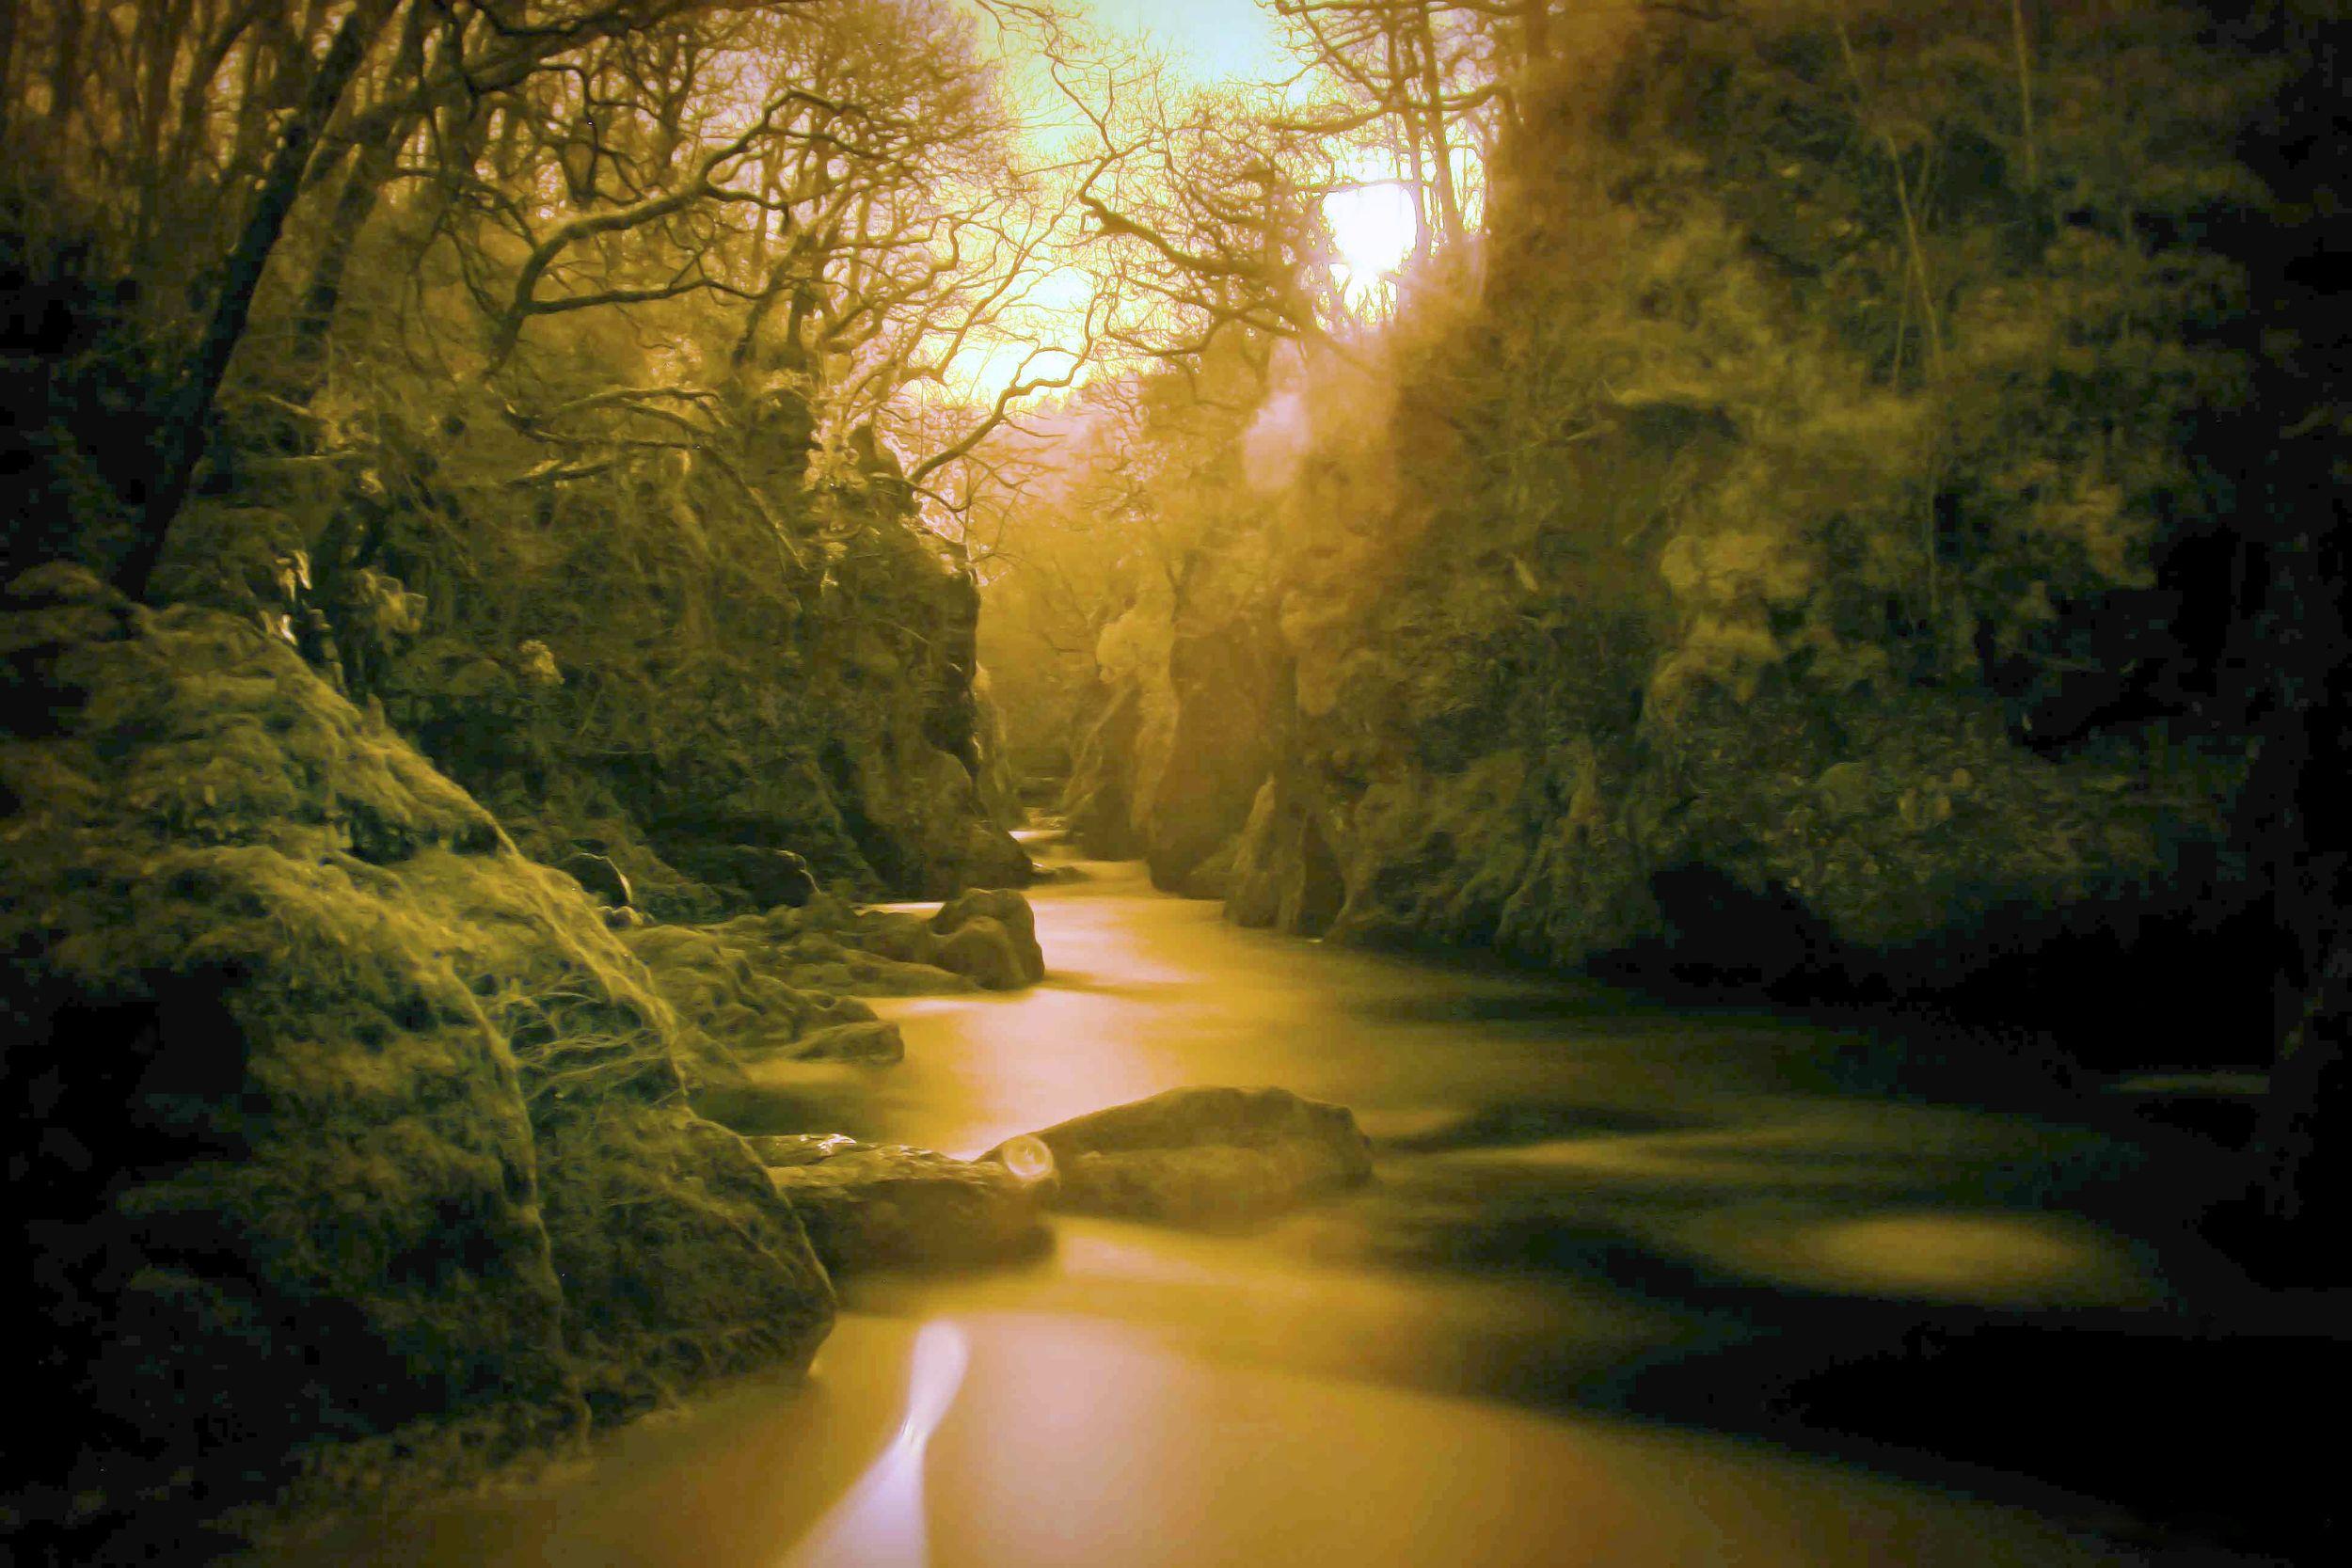 riviere-cachee